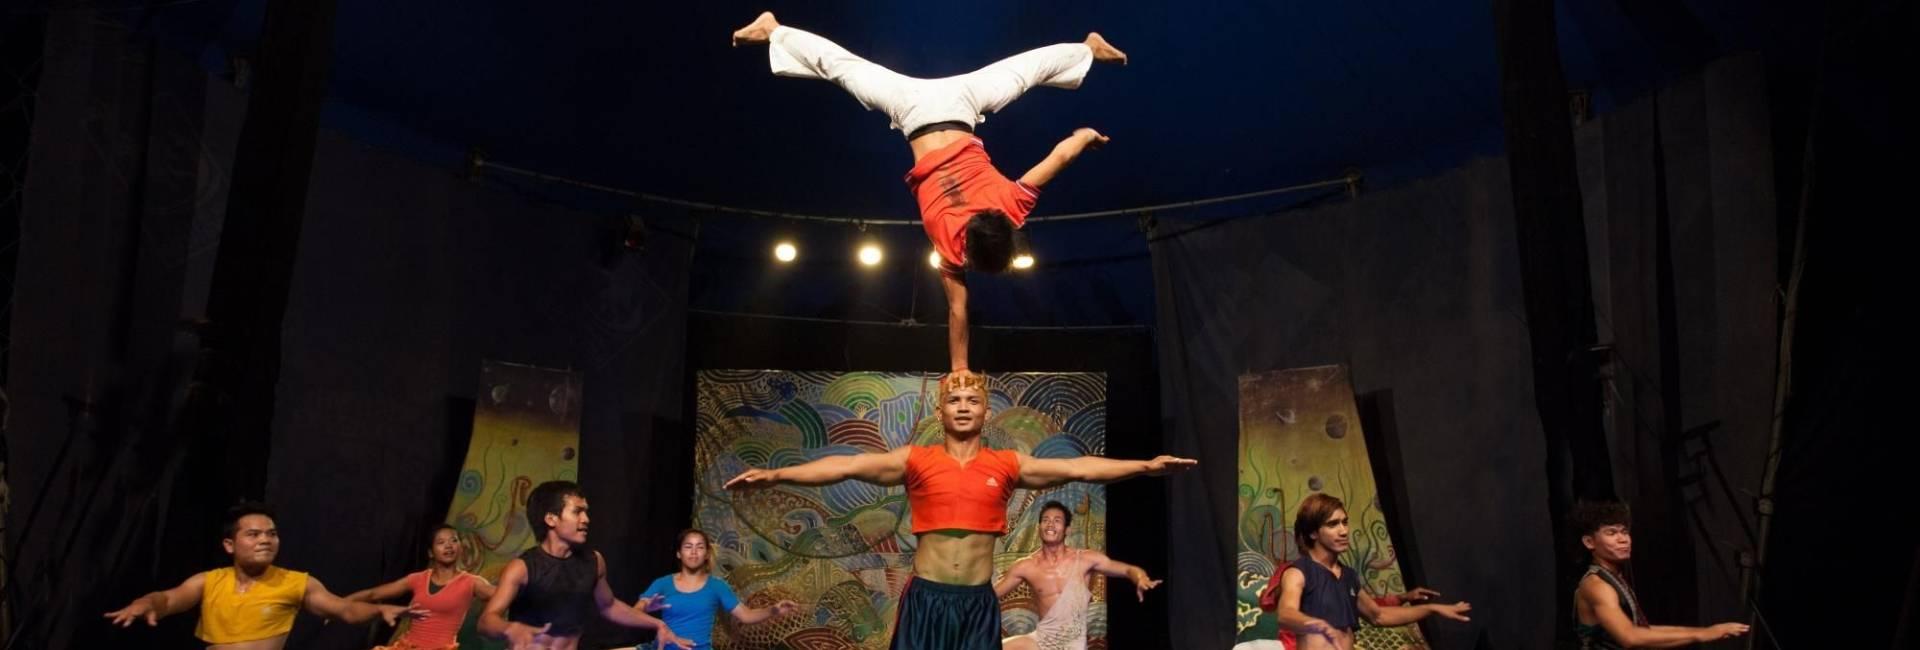 Offre d'un spectacle de cirque à Siem Reap